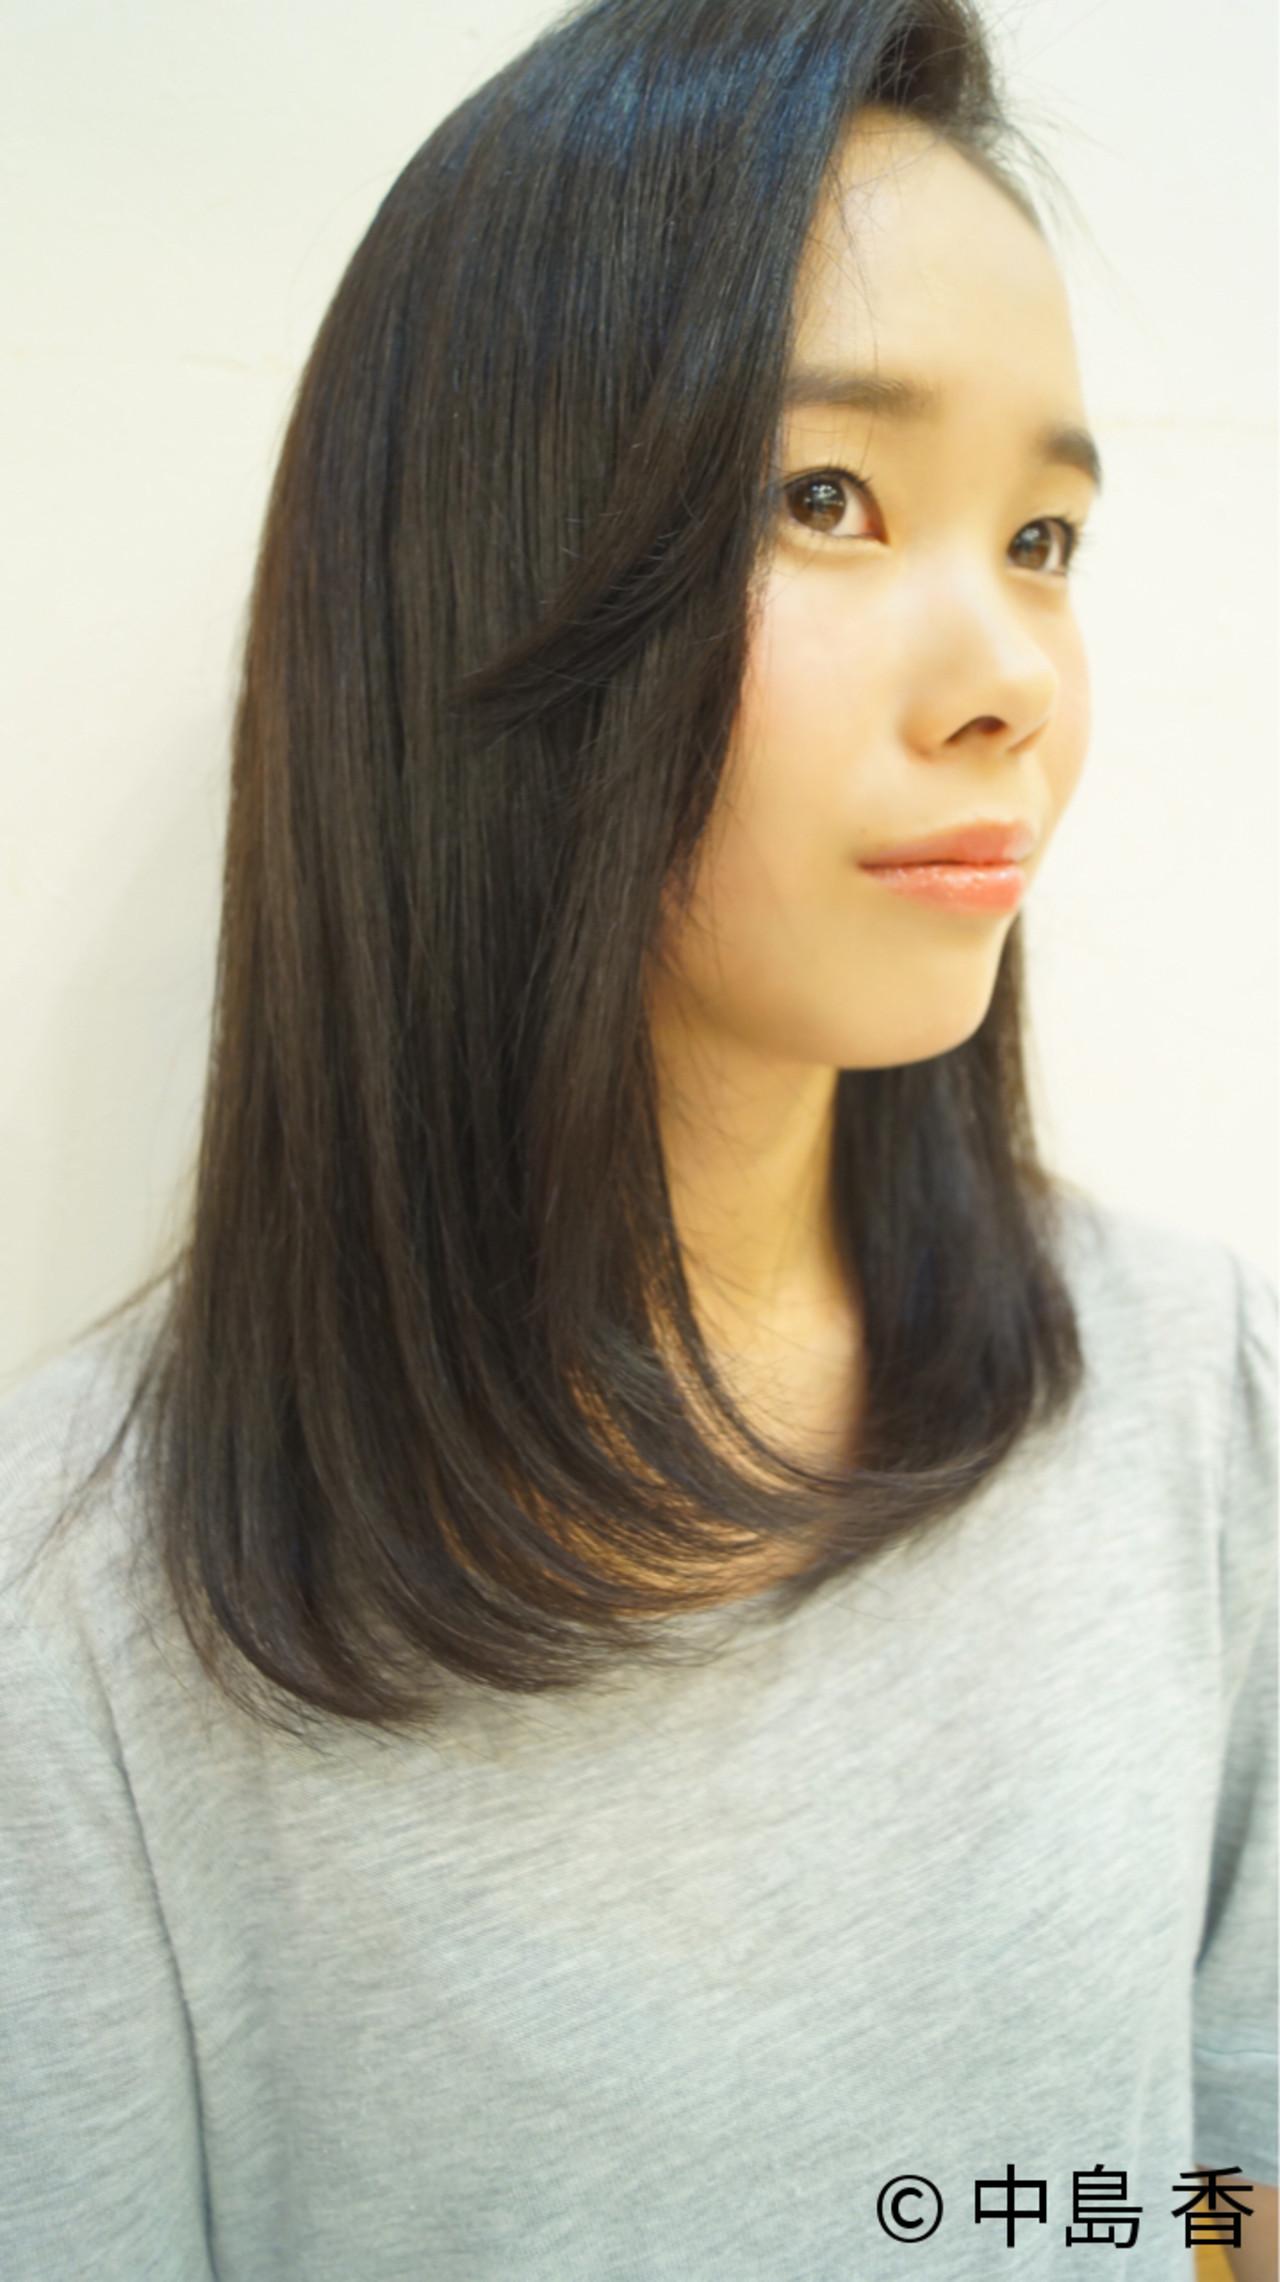 できる女性像にピッタリ☆重い黒髪の篠原涼子風ヘア 中島 香